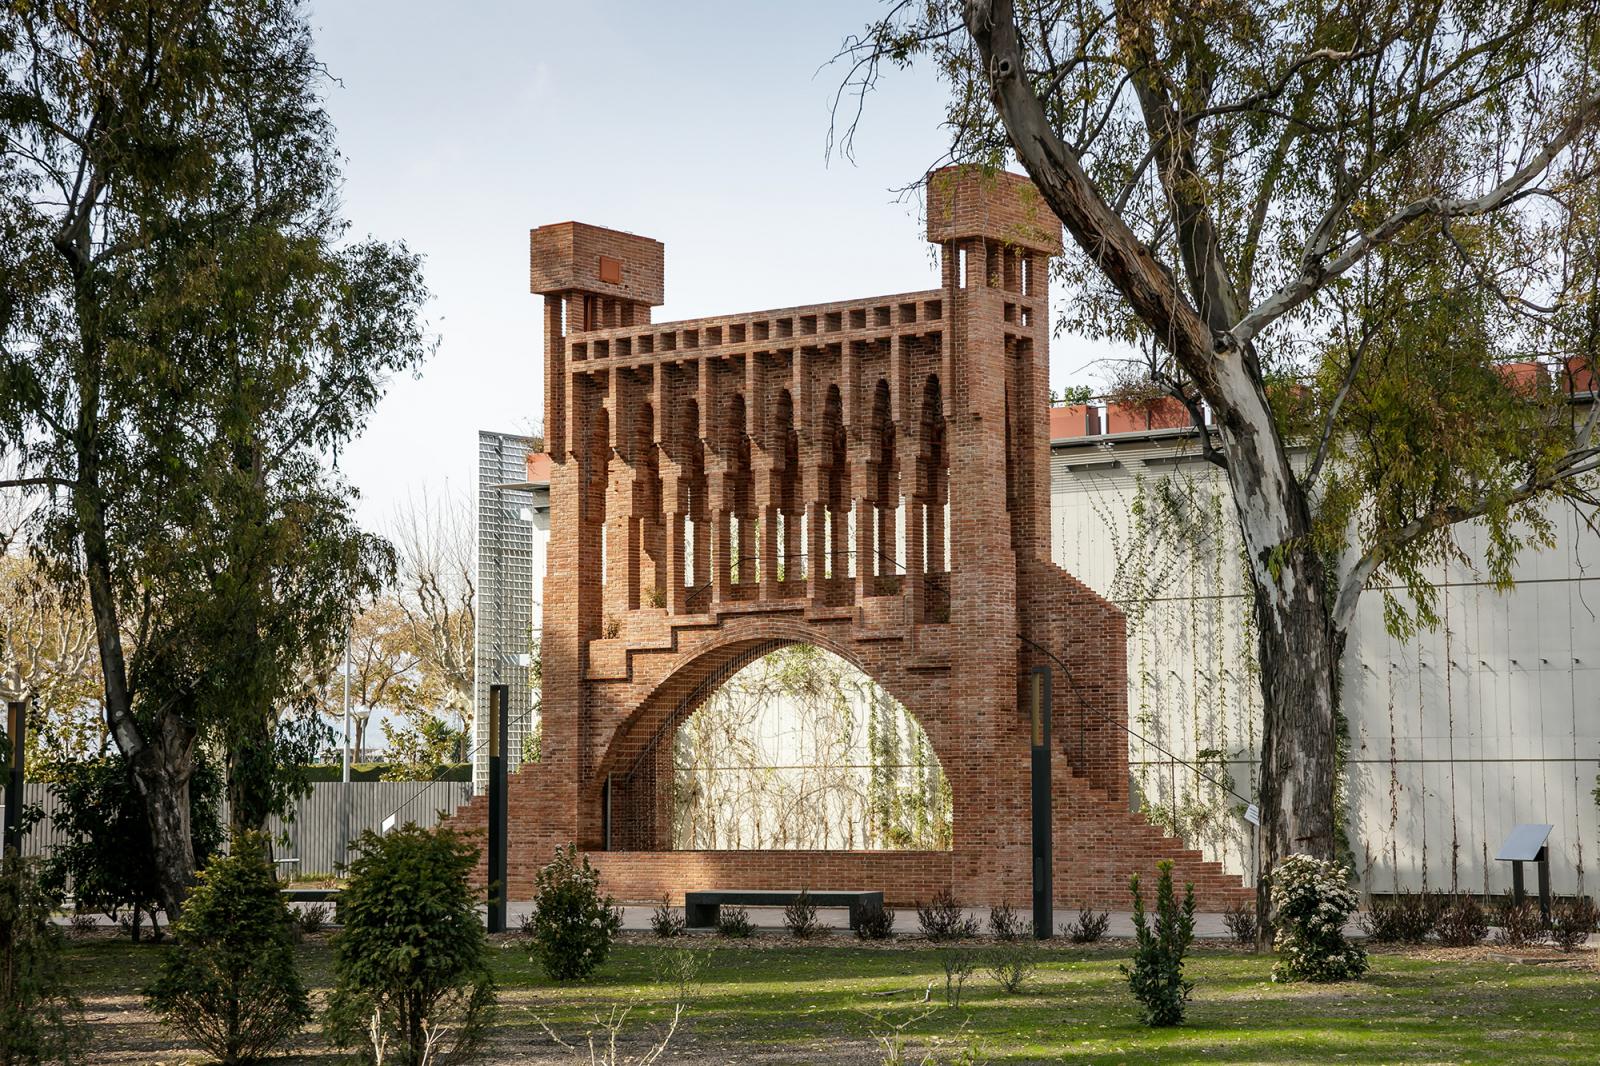 La cascada monumental dissenyada per Antoni Gaudí i, ara, reconstruïda al Museu de les Aigües